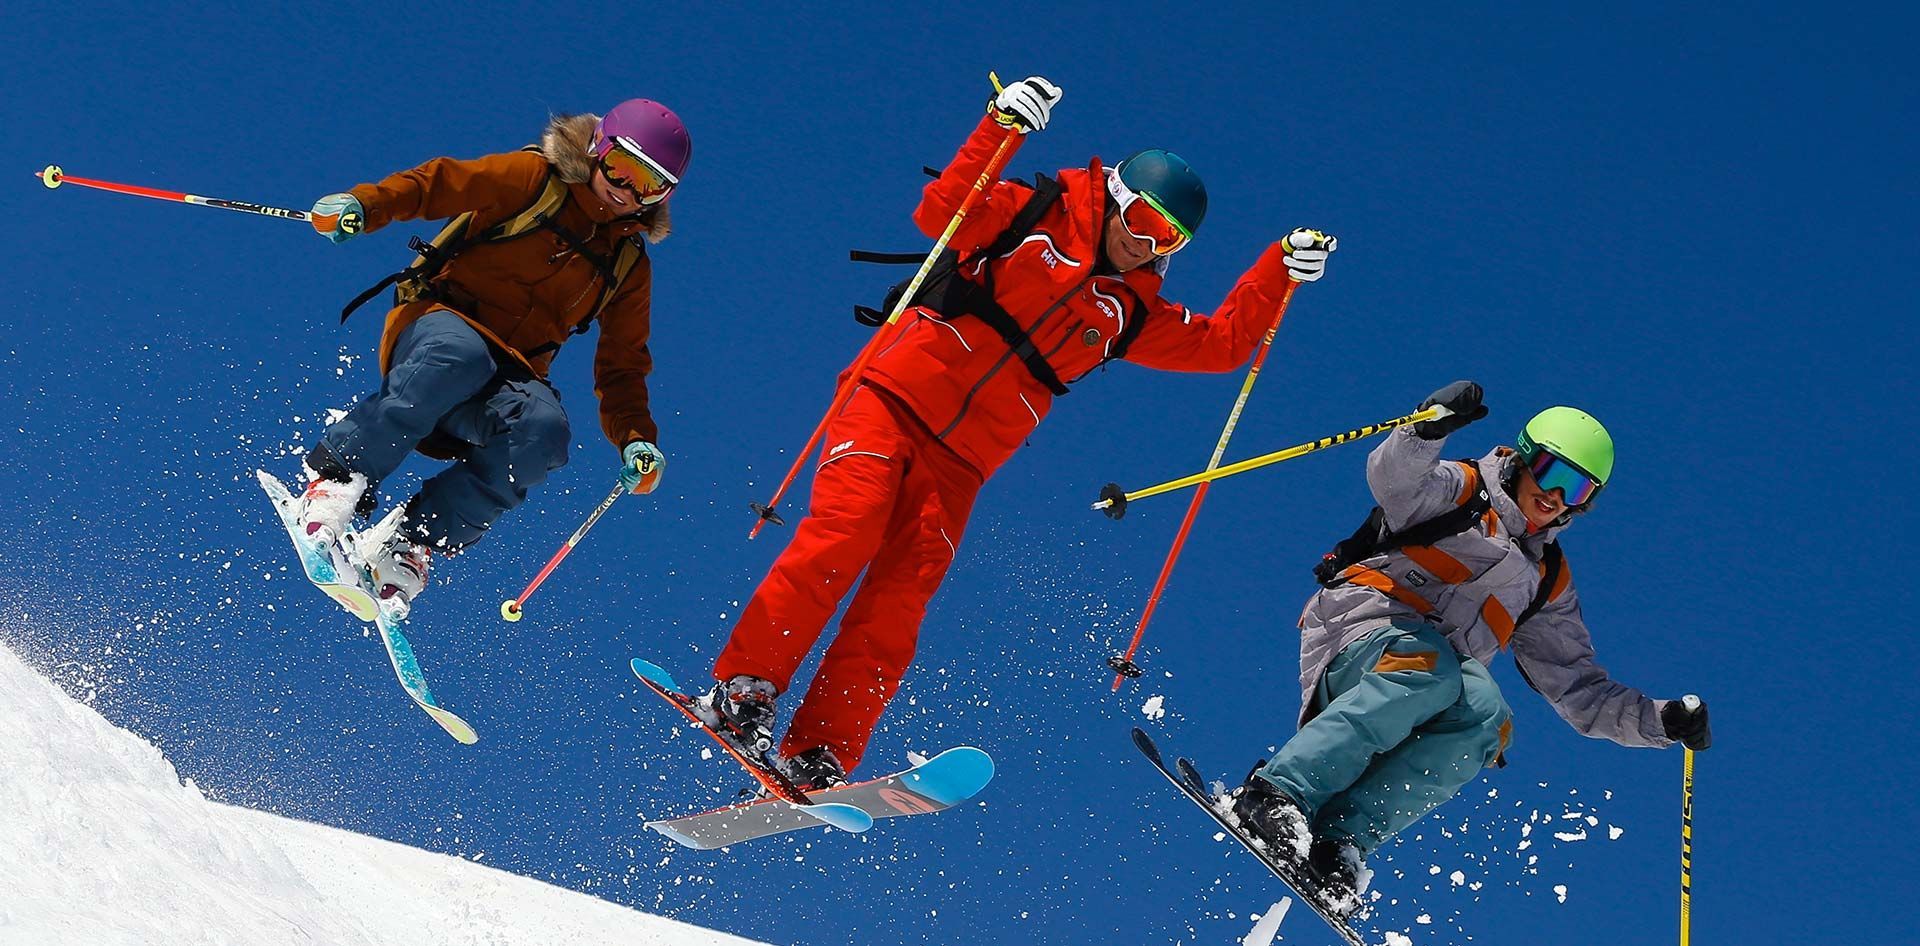 Bienvenue à l'ESF de l'Alpe d'Huez